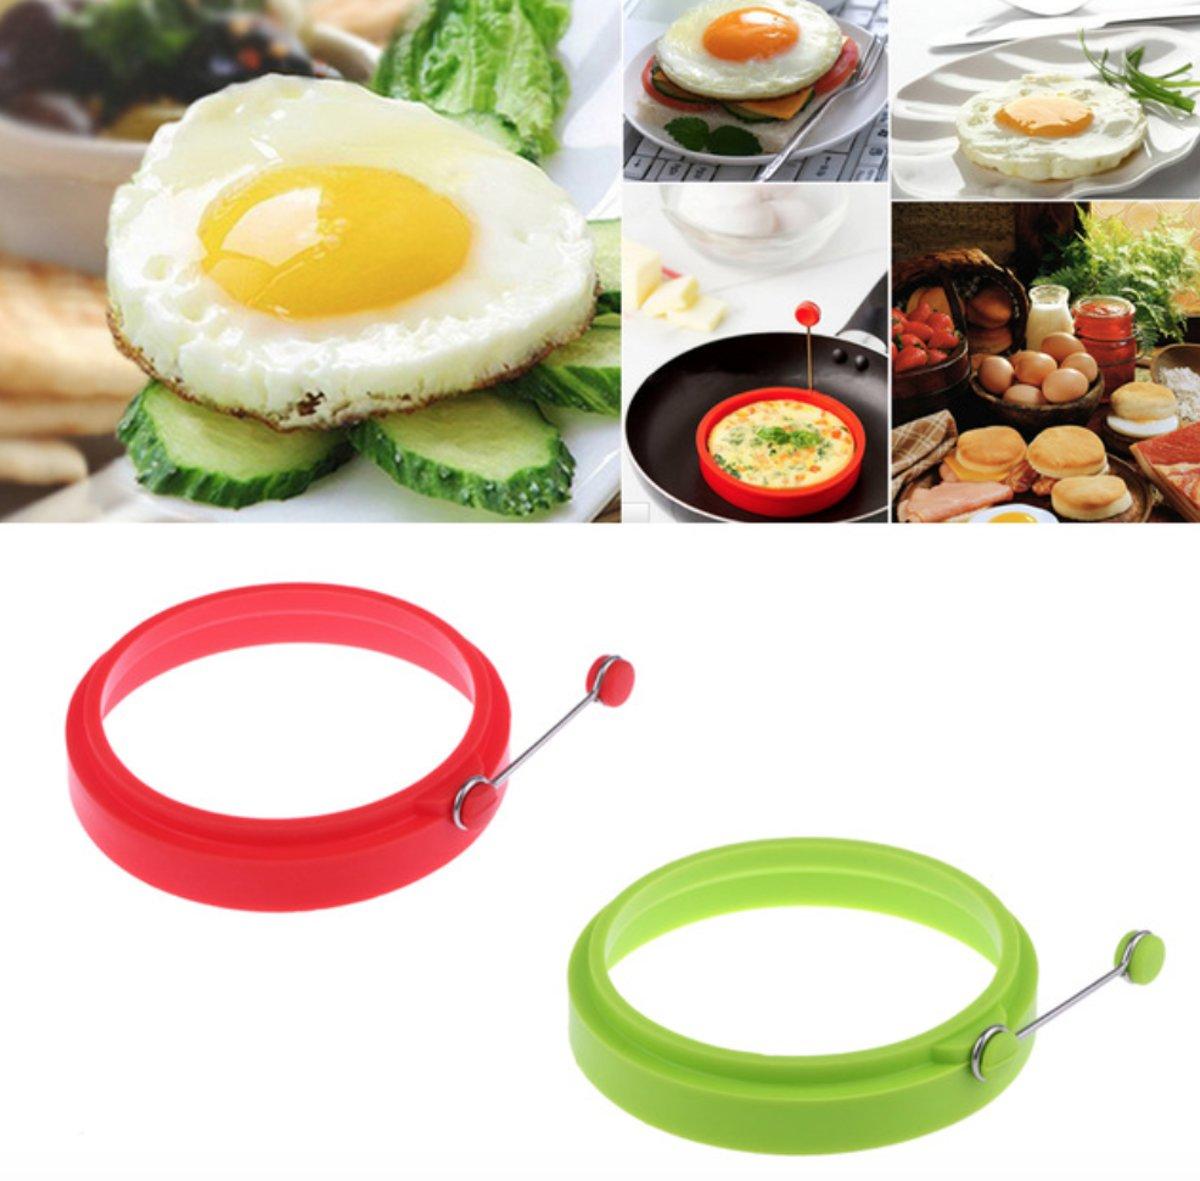 Set van 2 bakvormen rond| siliconen | voor baksels, pannenkoek, omelet en ei vorm kopen